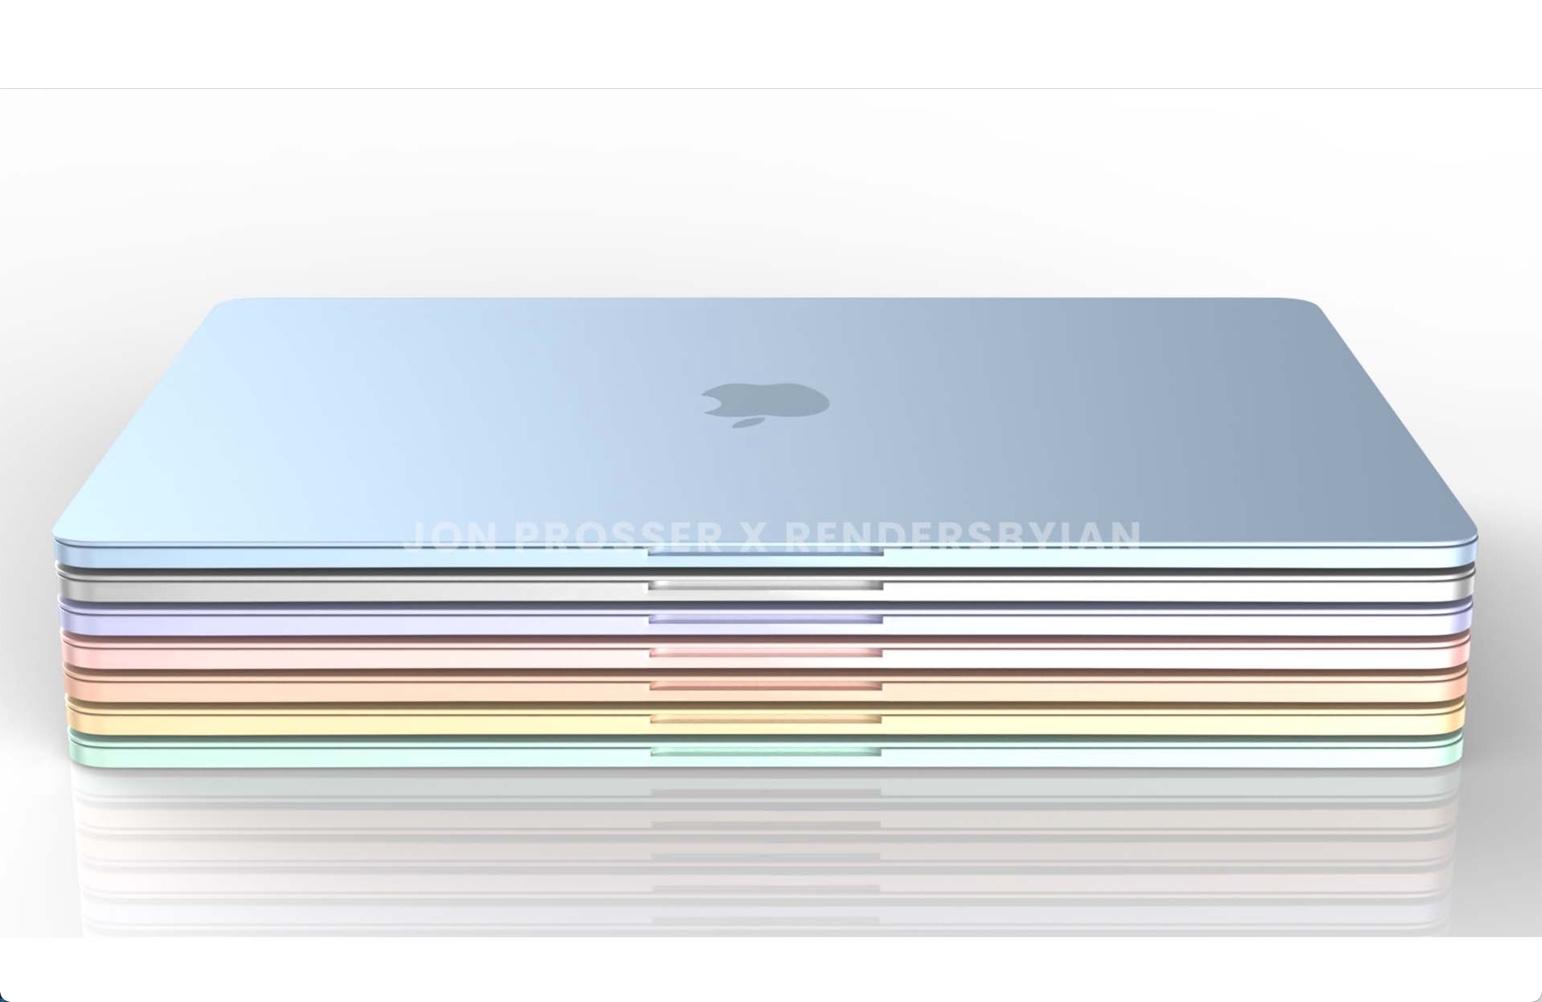 新しいM1 iMacの様なカラー、白いディスプレイベゼルのMacBook Airのレンダリング画像が公開される